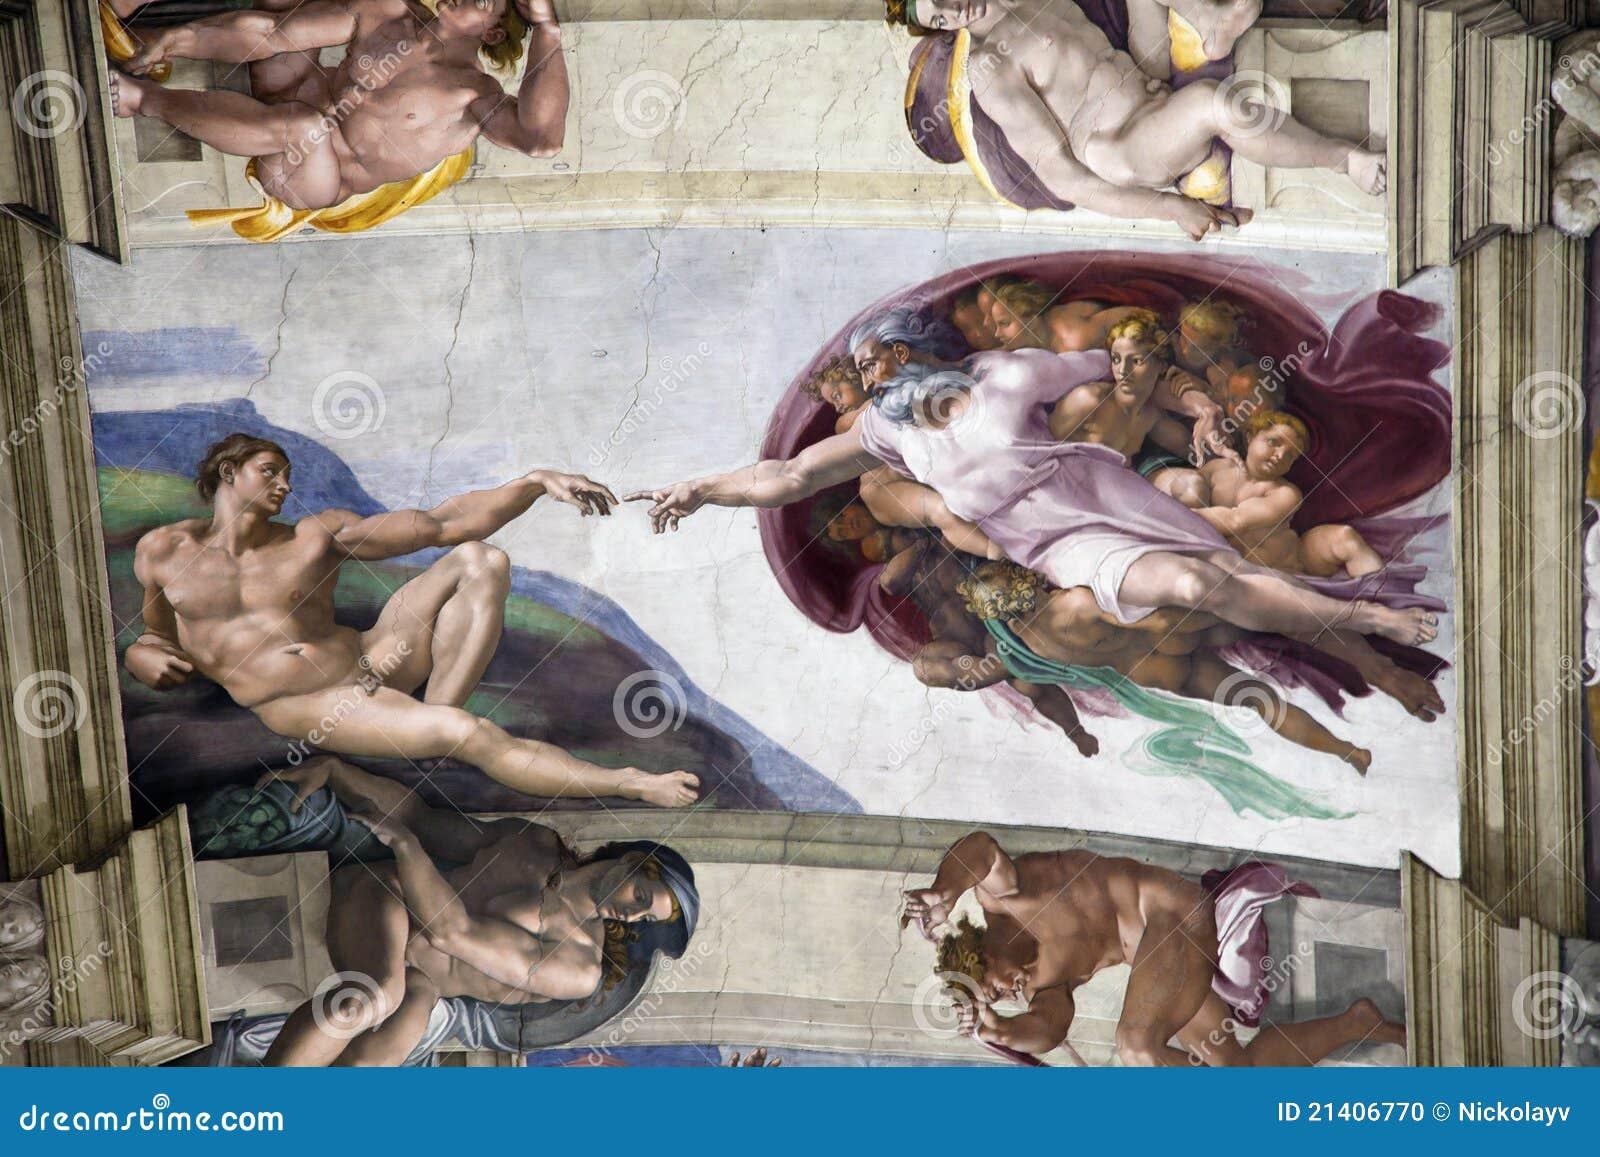 Adam kaplicy tworzenia sistine